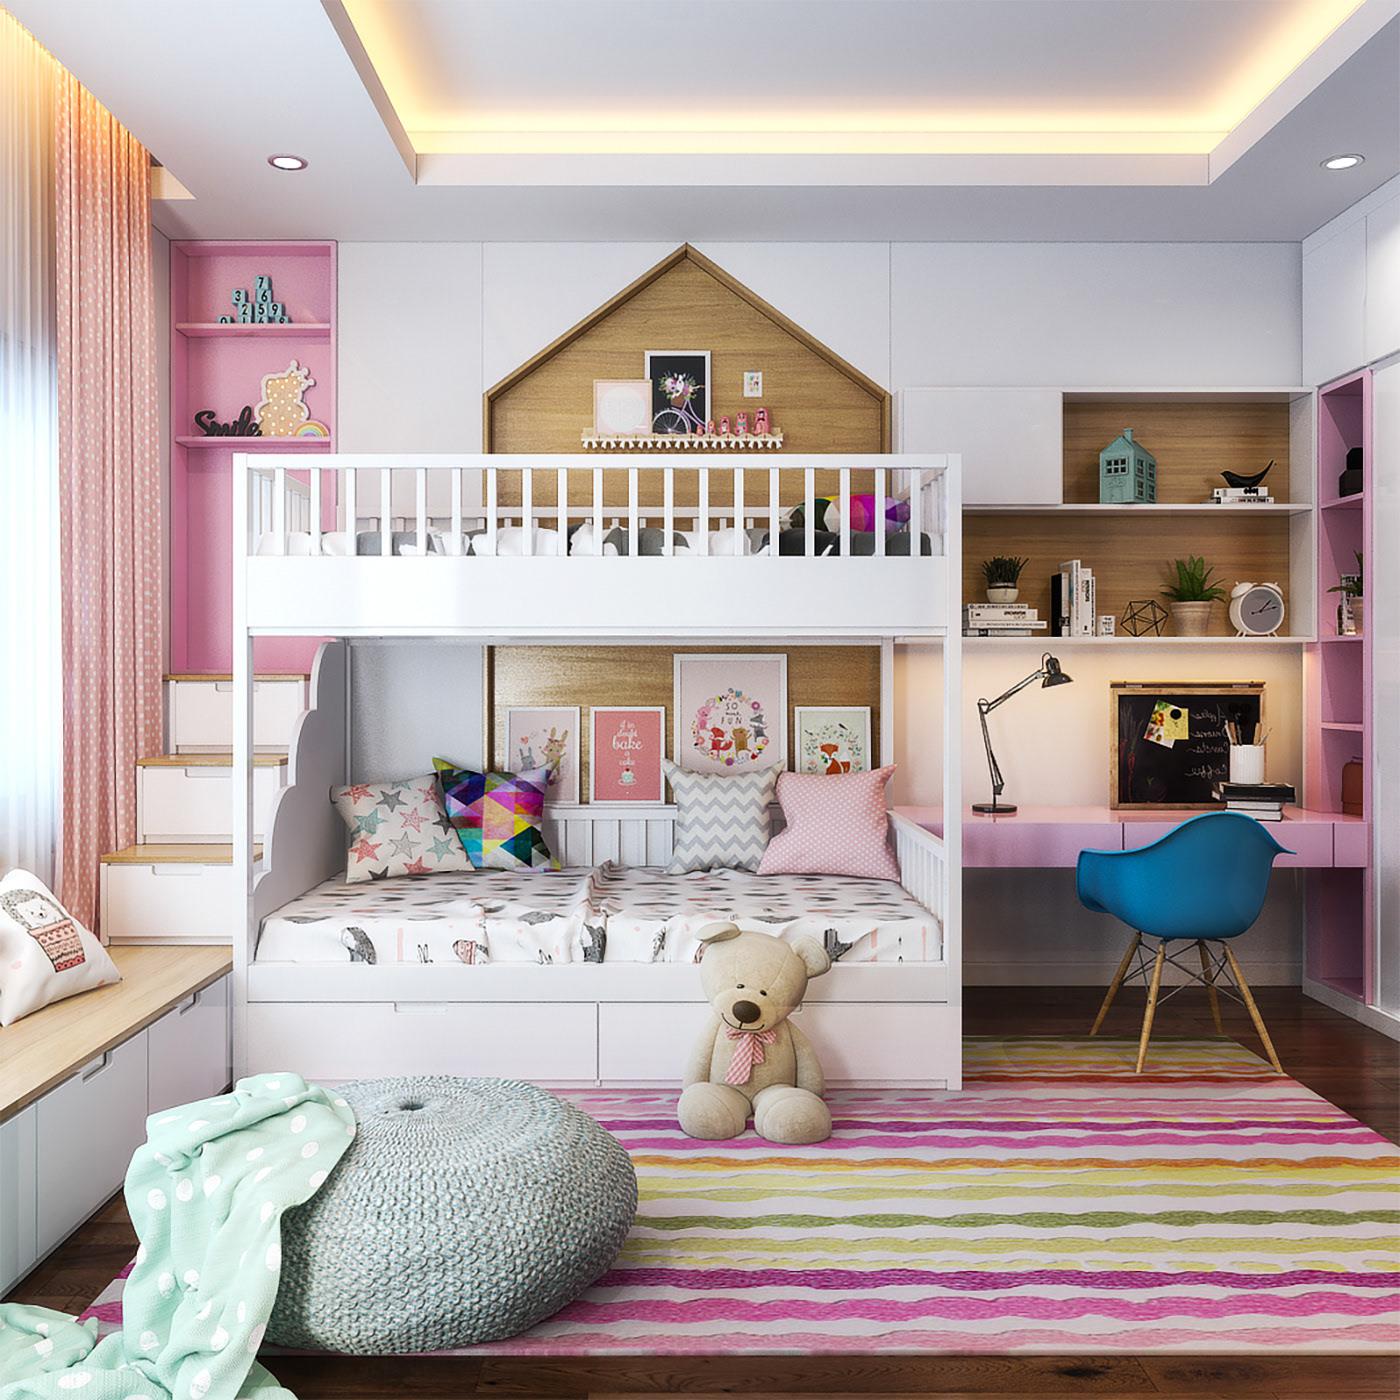 Kiến trúc sư vấn thiết kế căn hộ 67m² 3 phòng ngủ với chi phí 93 triệu đồng - Ảnh 12.